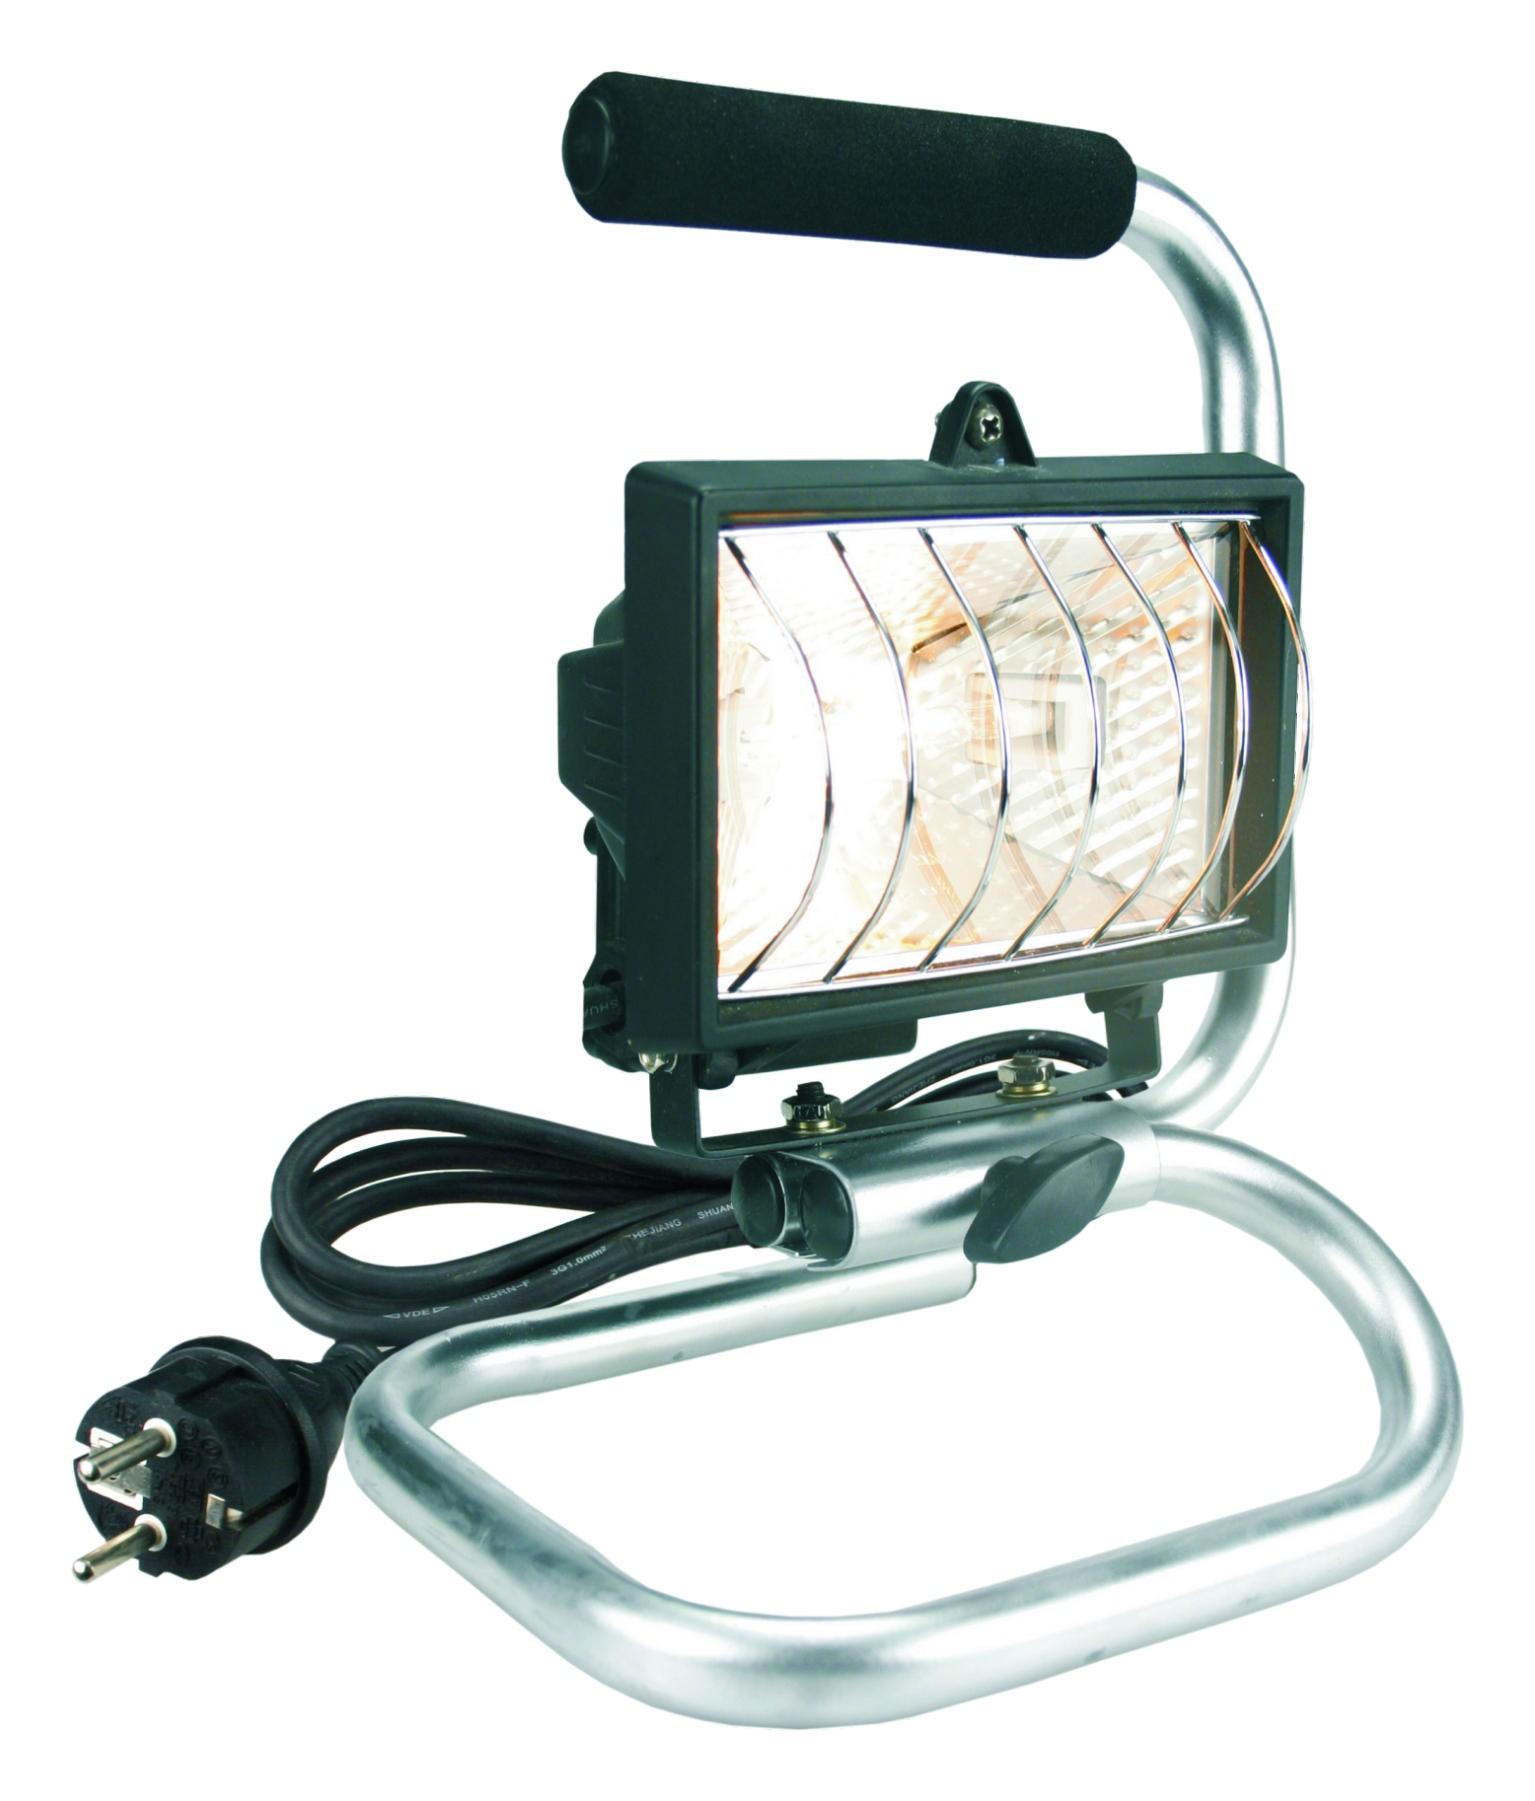 Baustrahler / Halogenscheinwerfer / Halo-Bau-Flutlicht 120